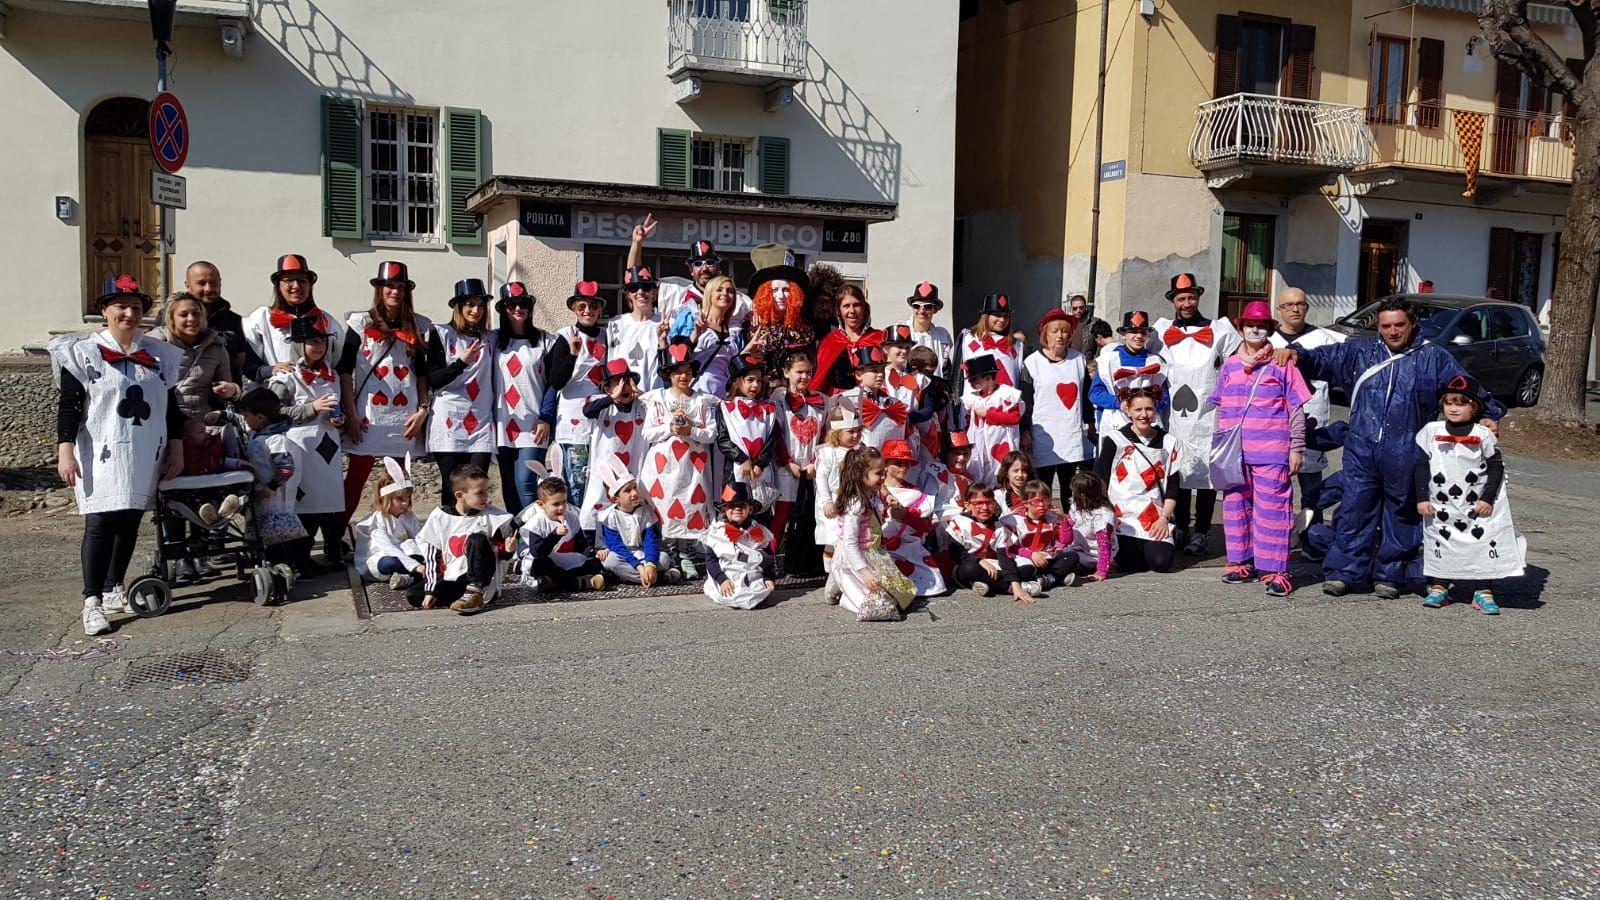 OZEGNA - I carri del Carnevale hanno colorato il paese - FOTO e VIDEO